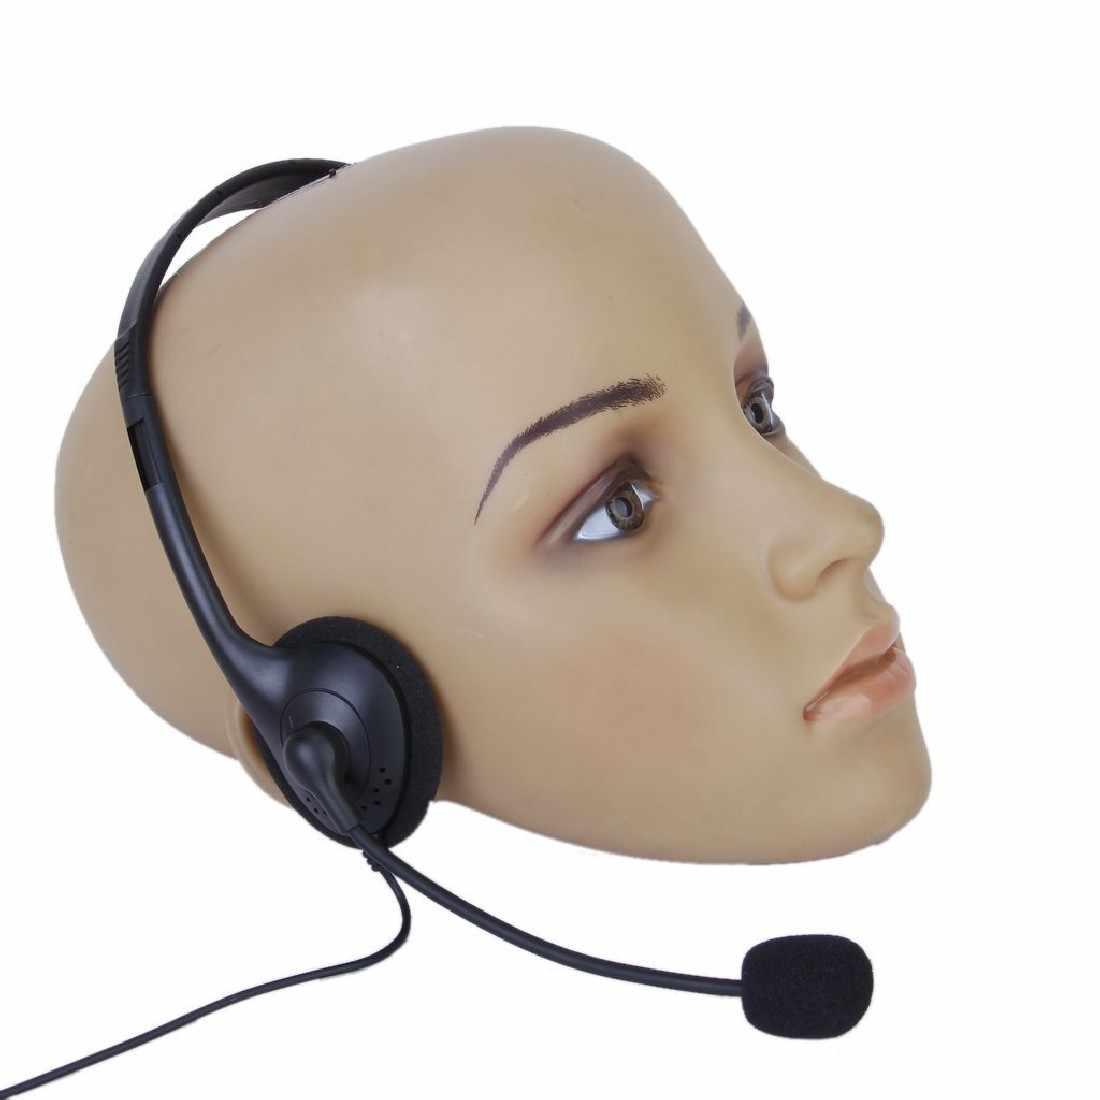 Marsnaska 3.5mm wired משחקי אוזניות אוזניות אוזניות + מיקרופון מיקרופון אביזרי עבור PS4 מחשב שחור